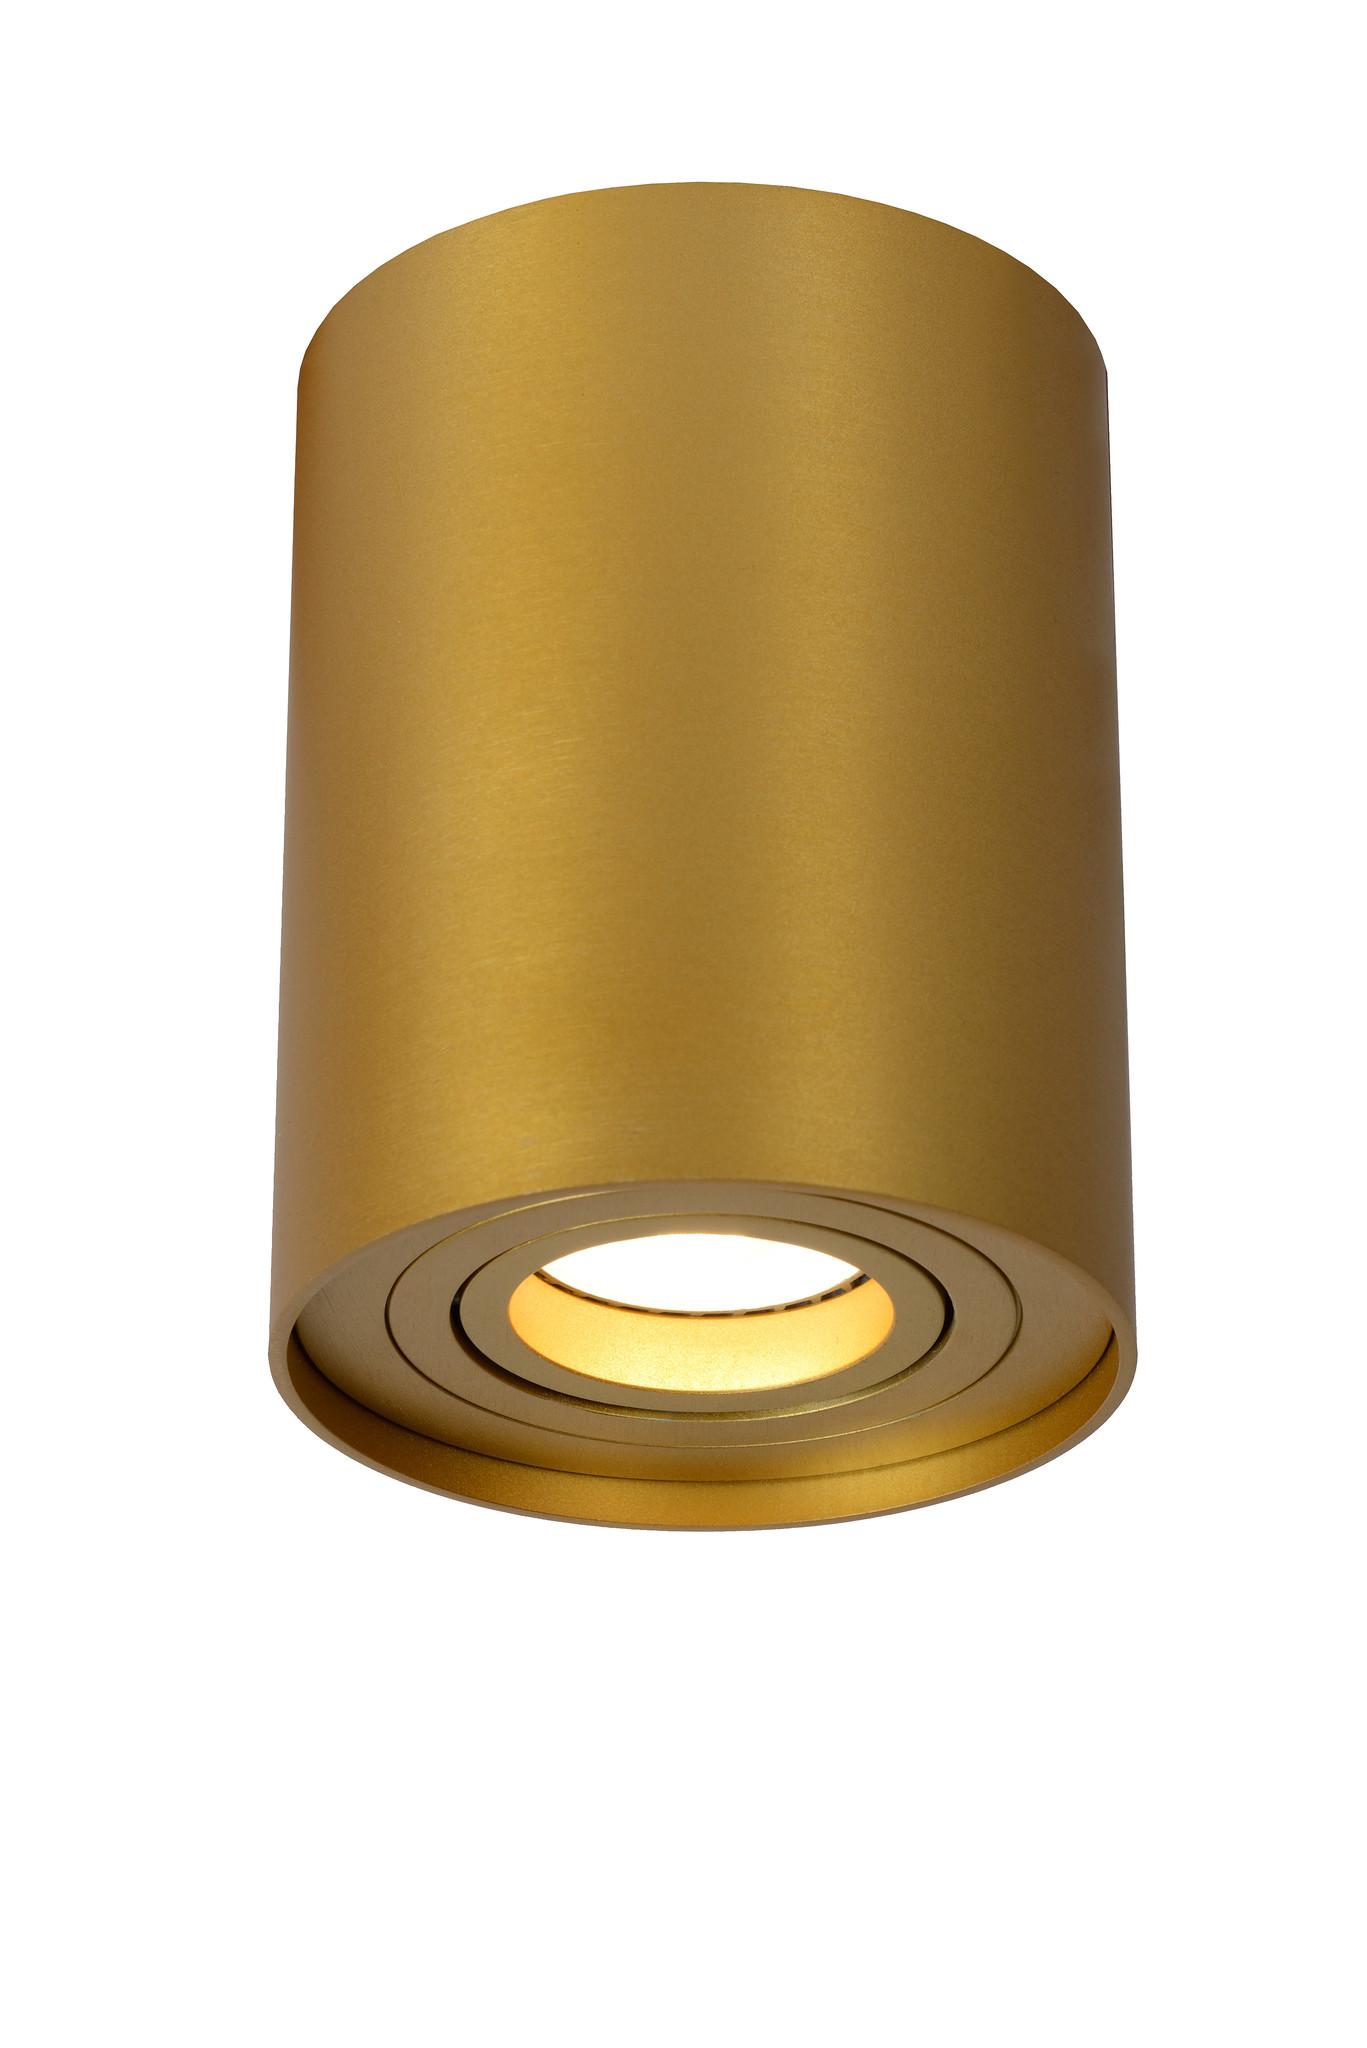 Lucide TUBE Spot Opbouw GU10 Rond D9.6 H12.5cm Mat goud/M